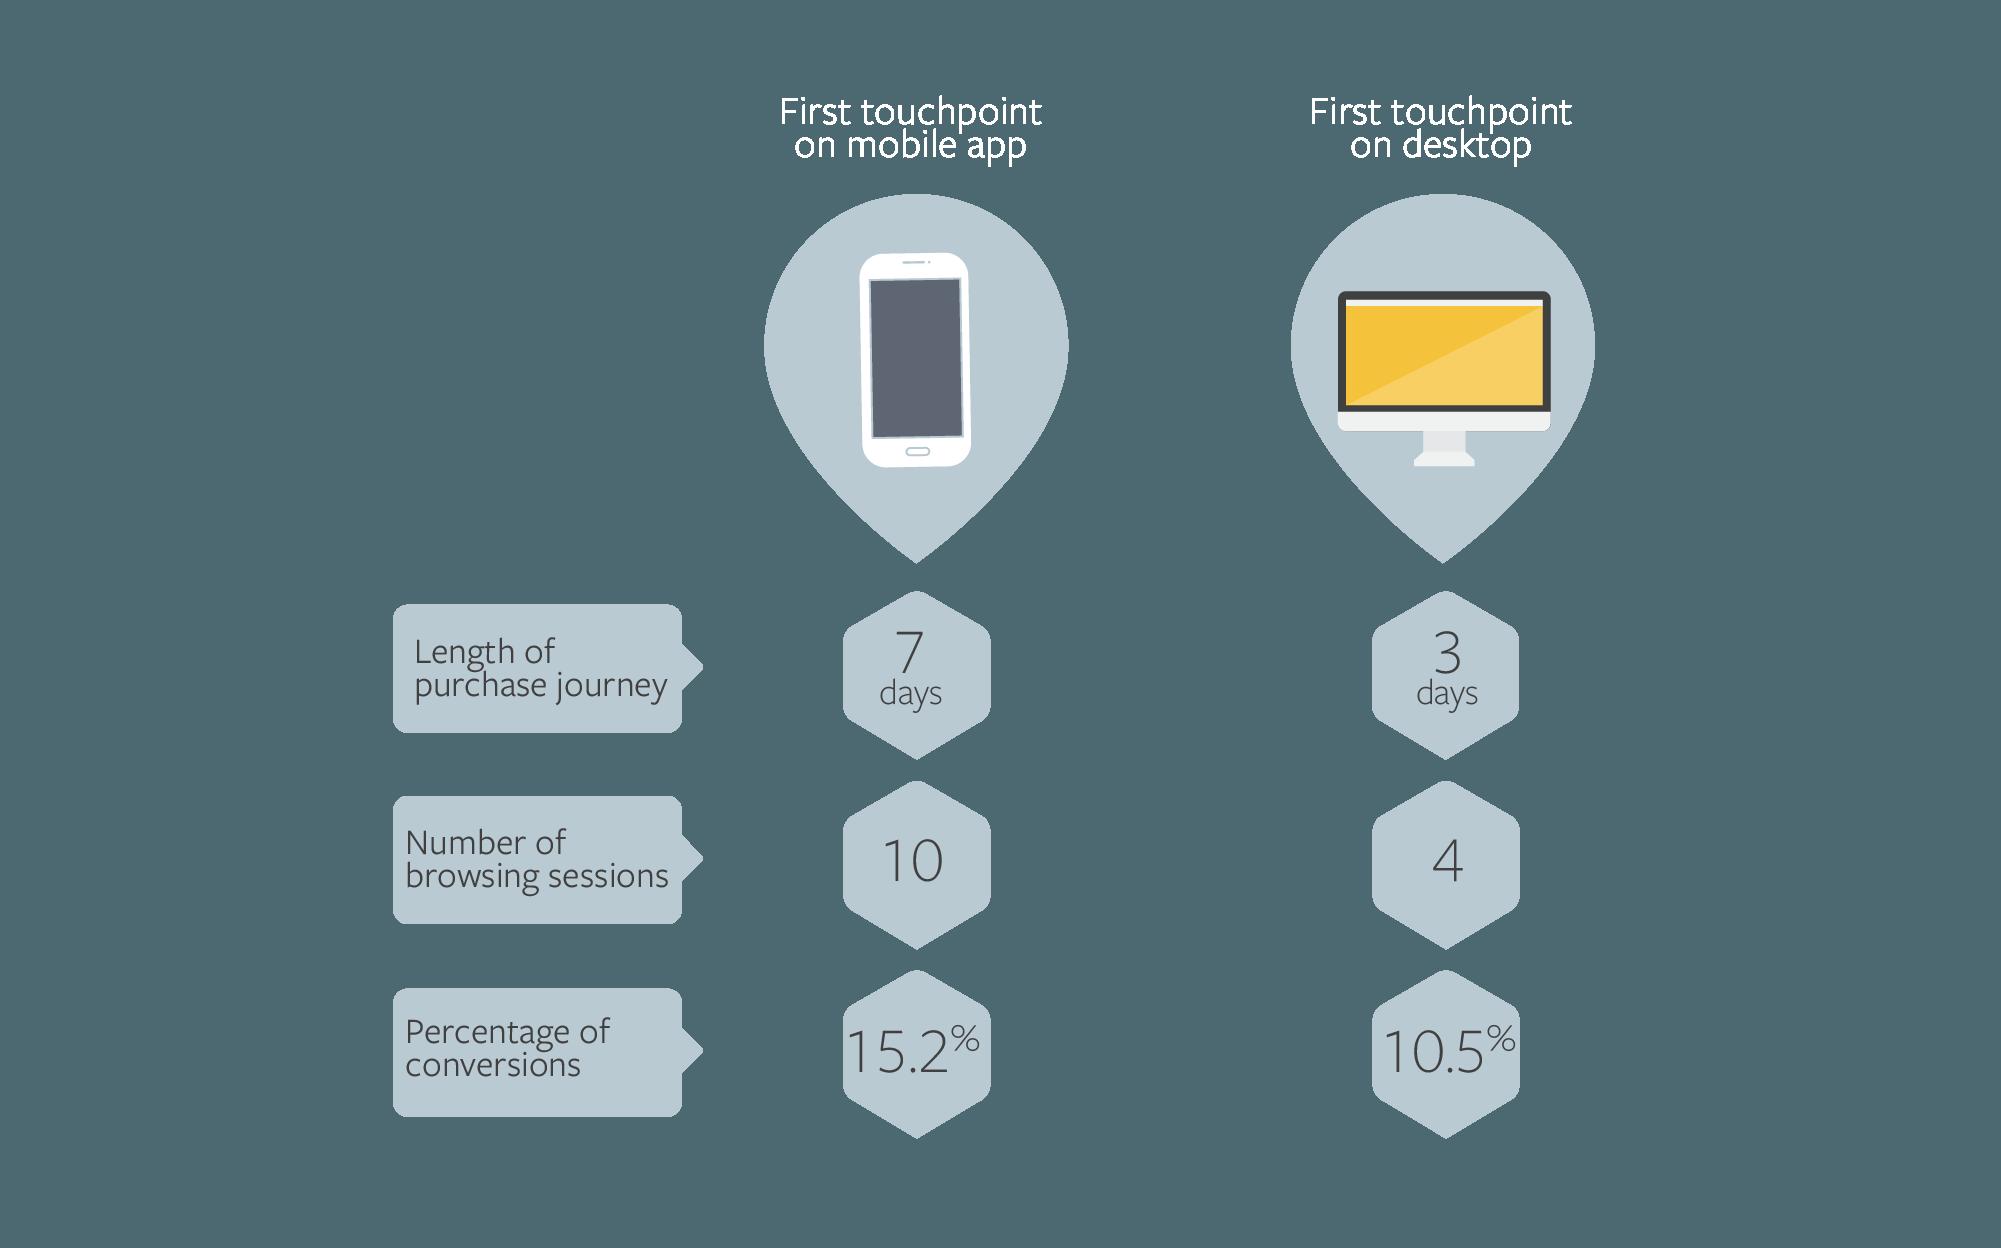 Пути покупателя начинающихся с телефона и компьютера